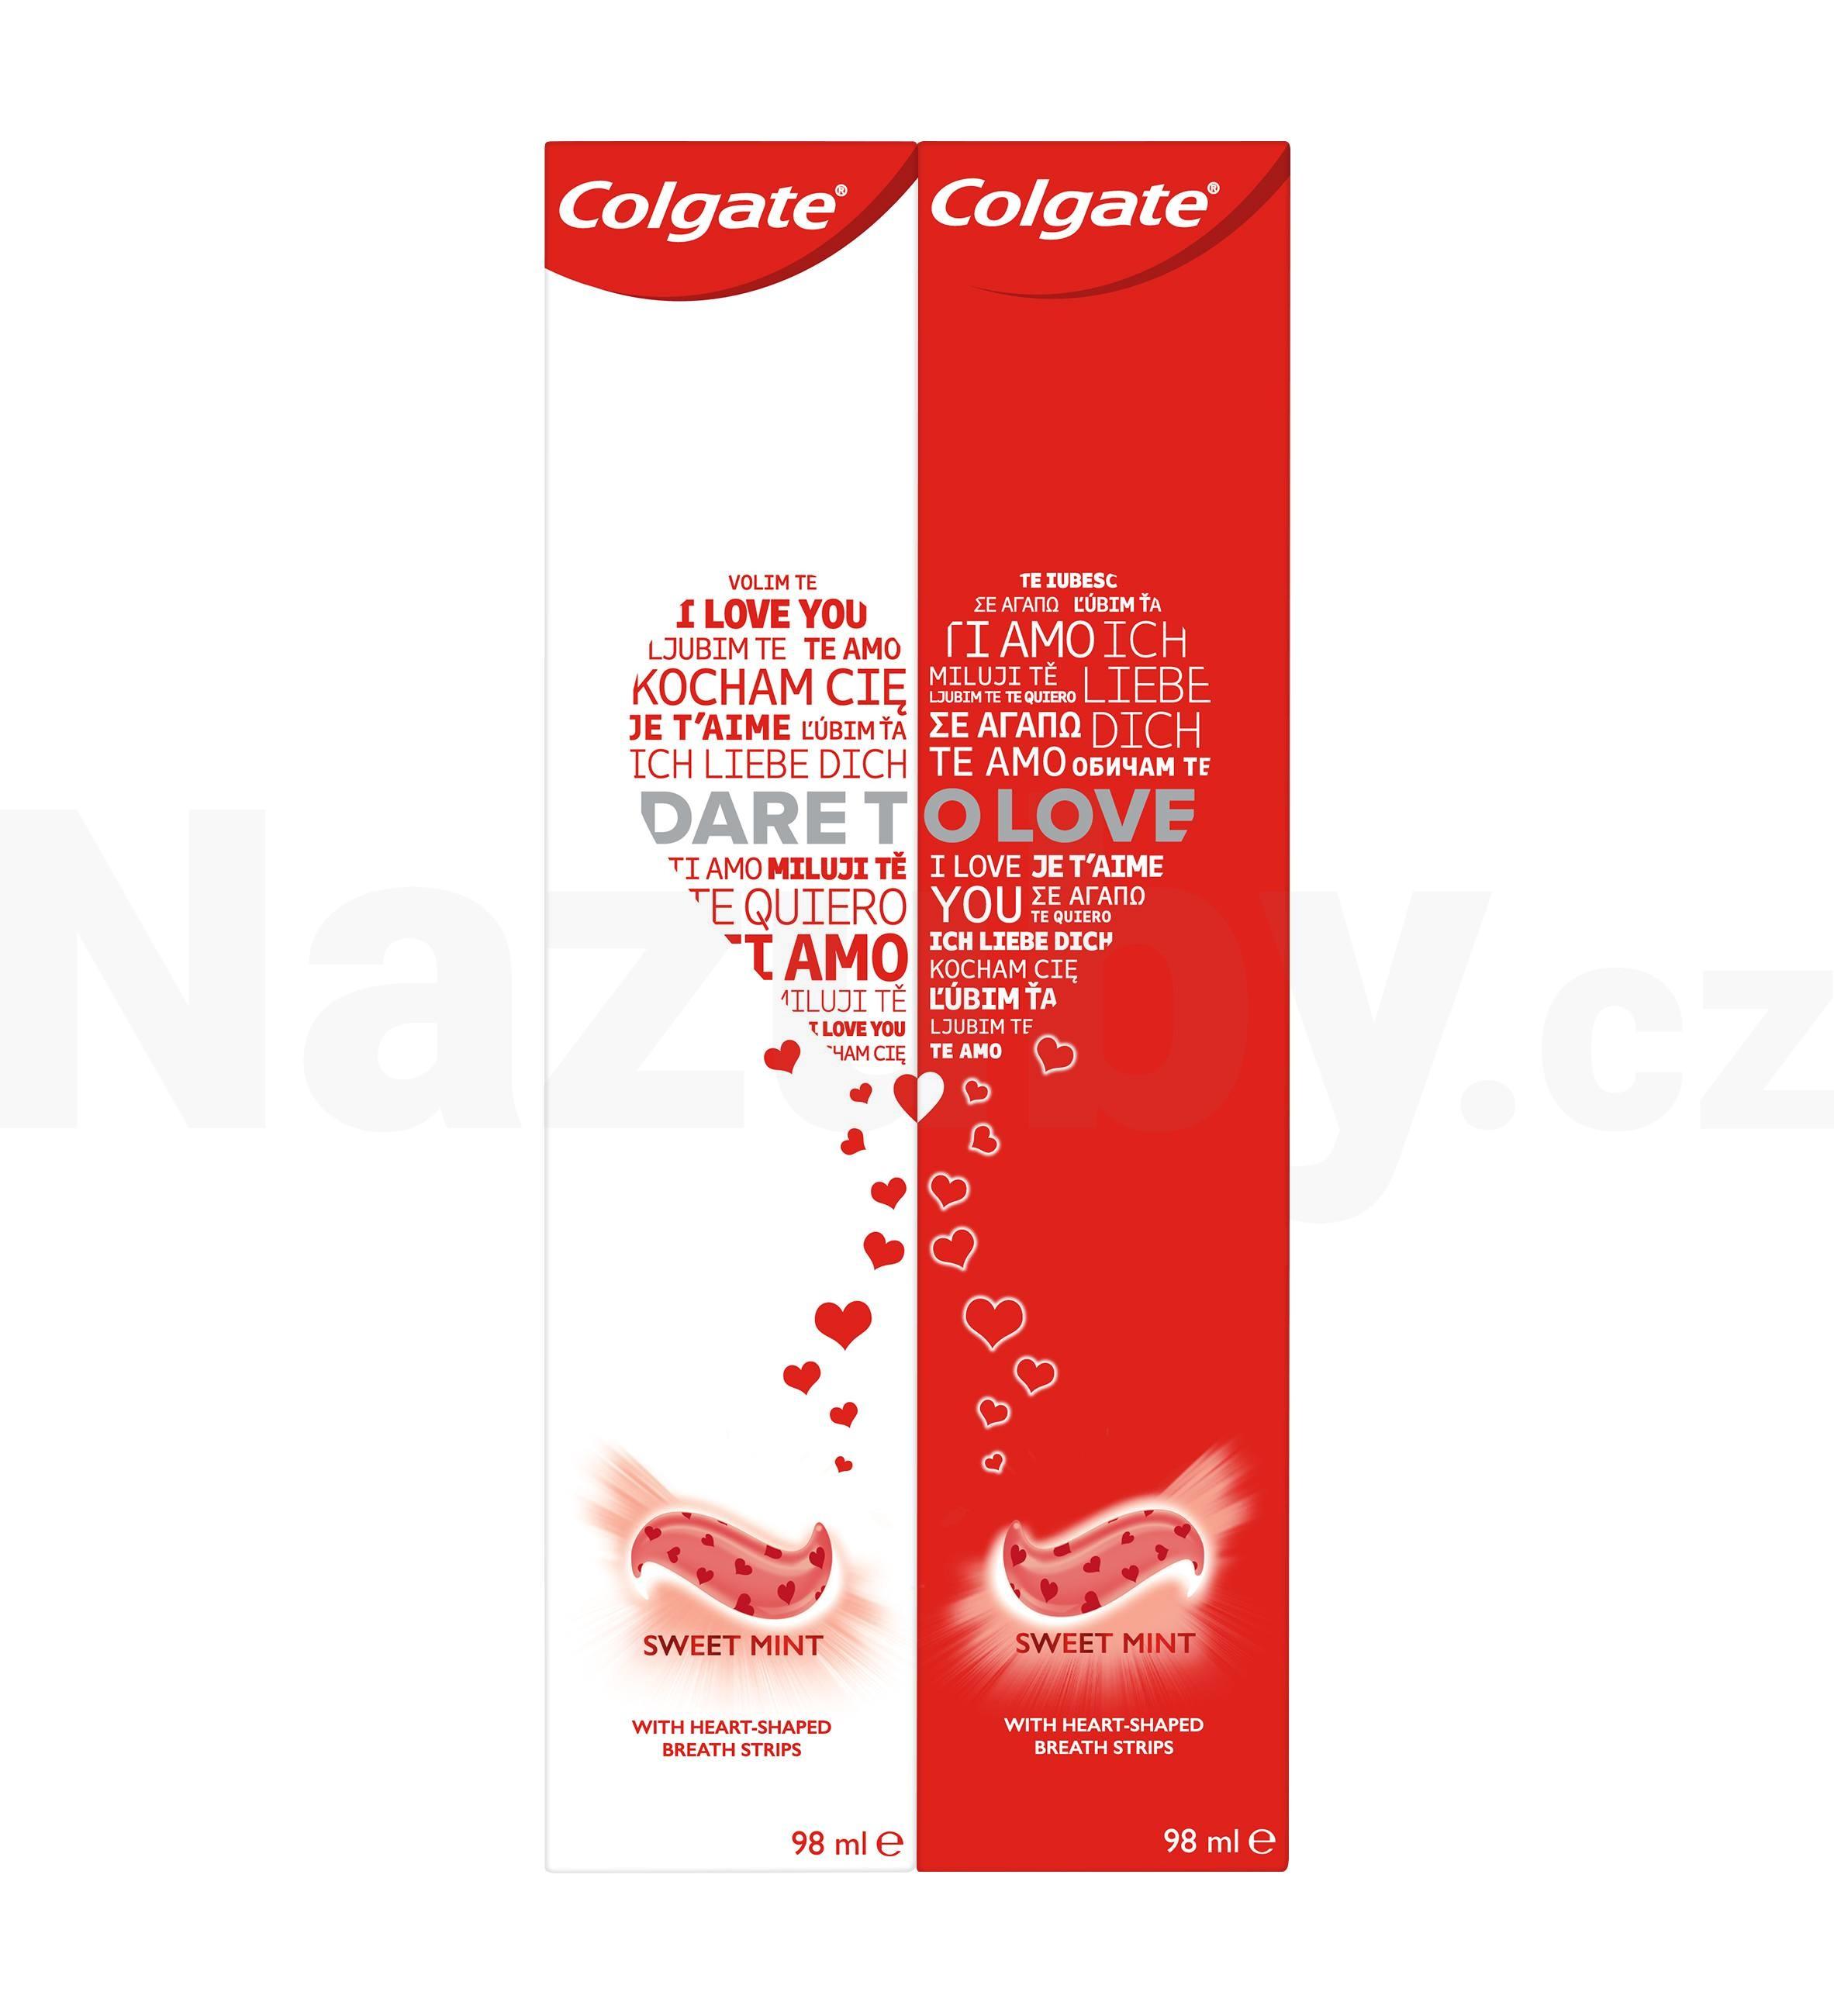 Colgate Dare To Love zubní pasta pro svěží dech Sweet Mint 2 x 98 ml